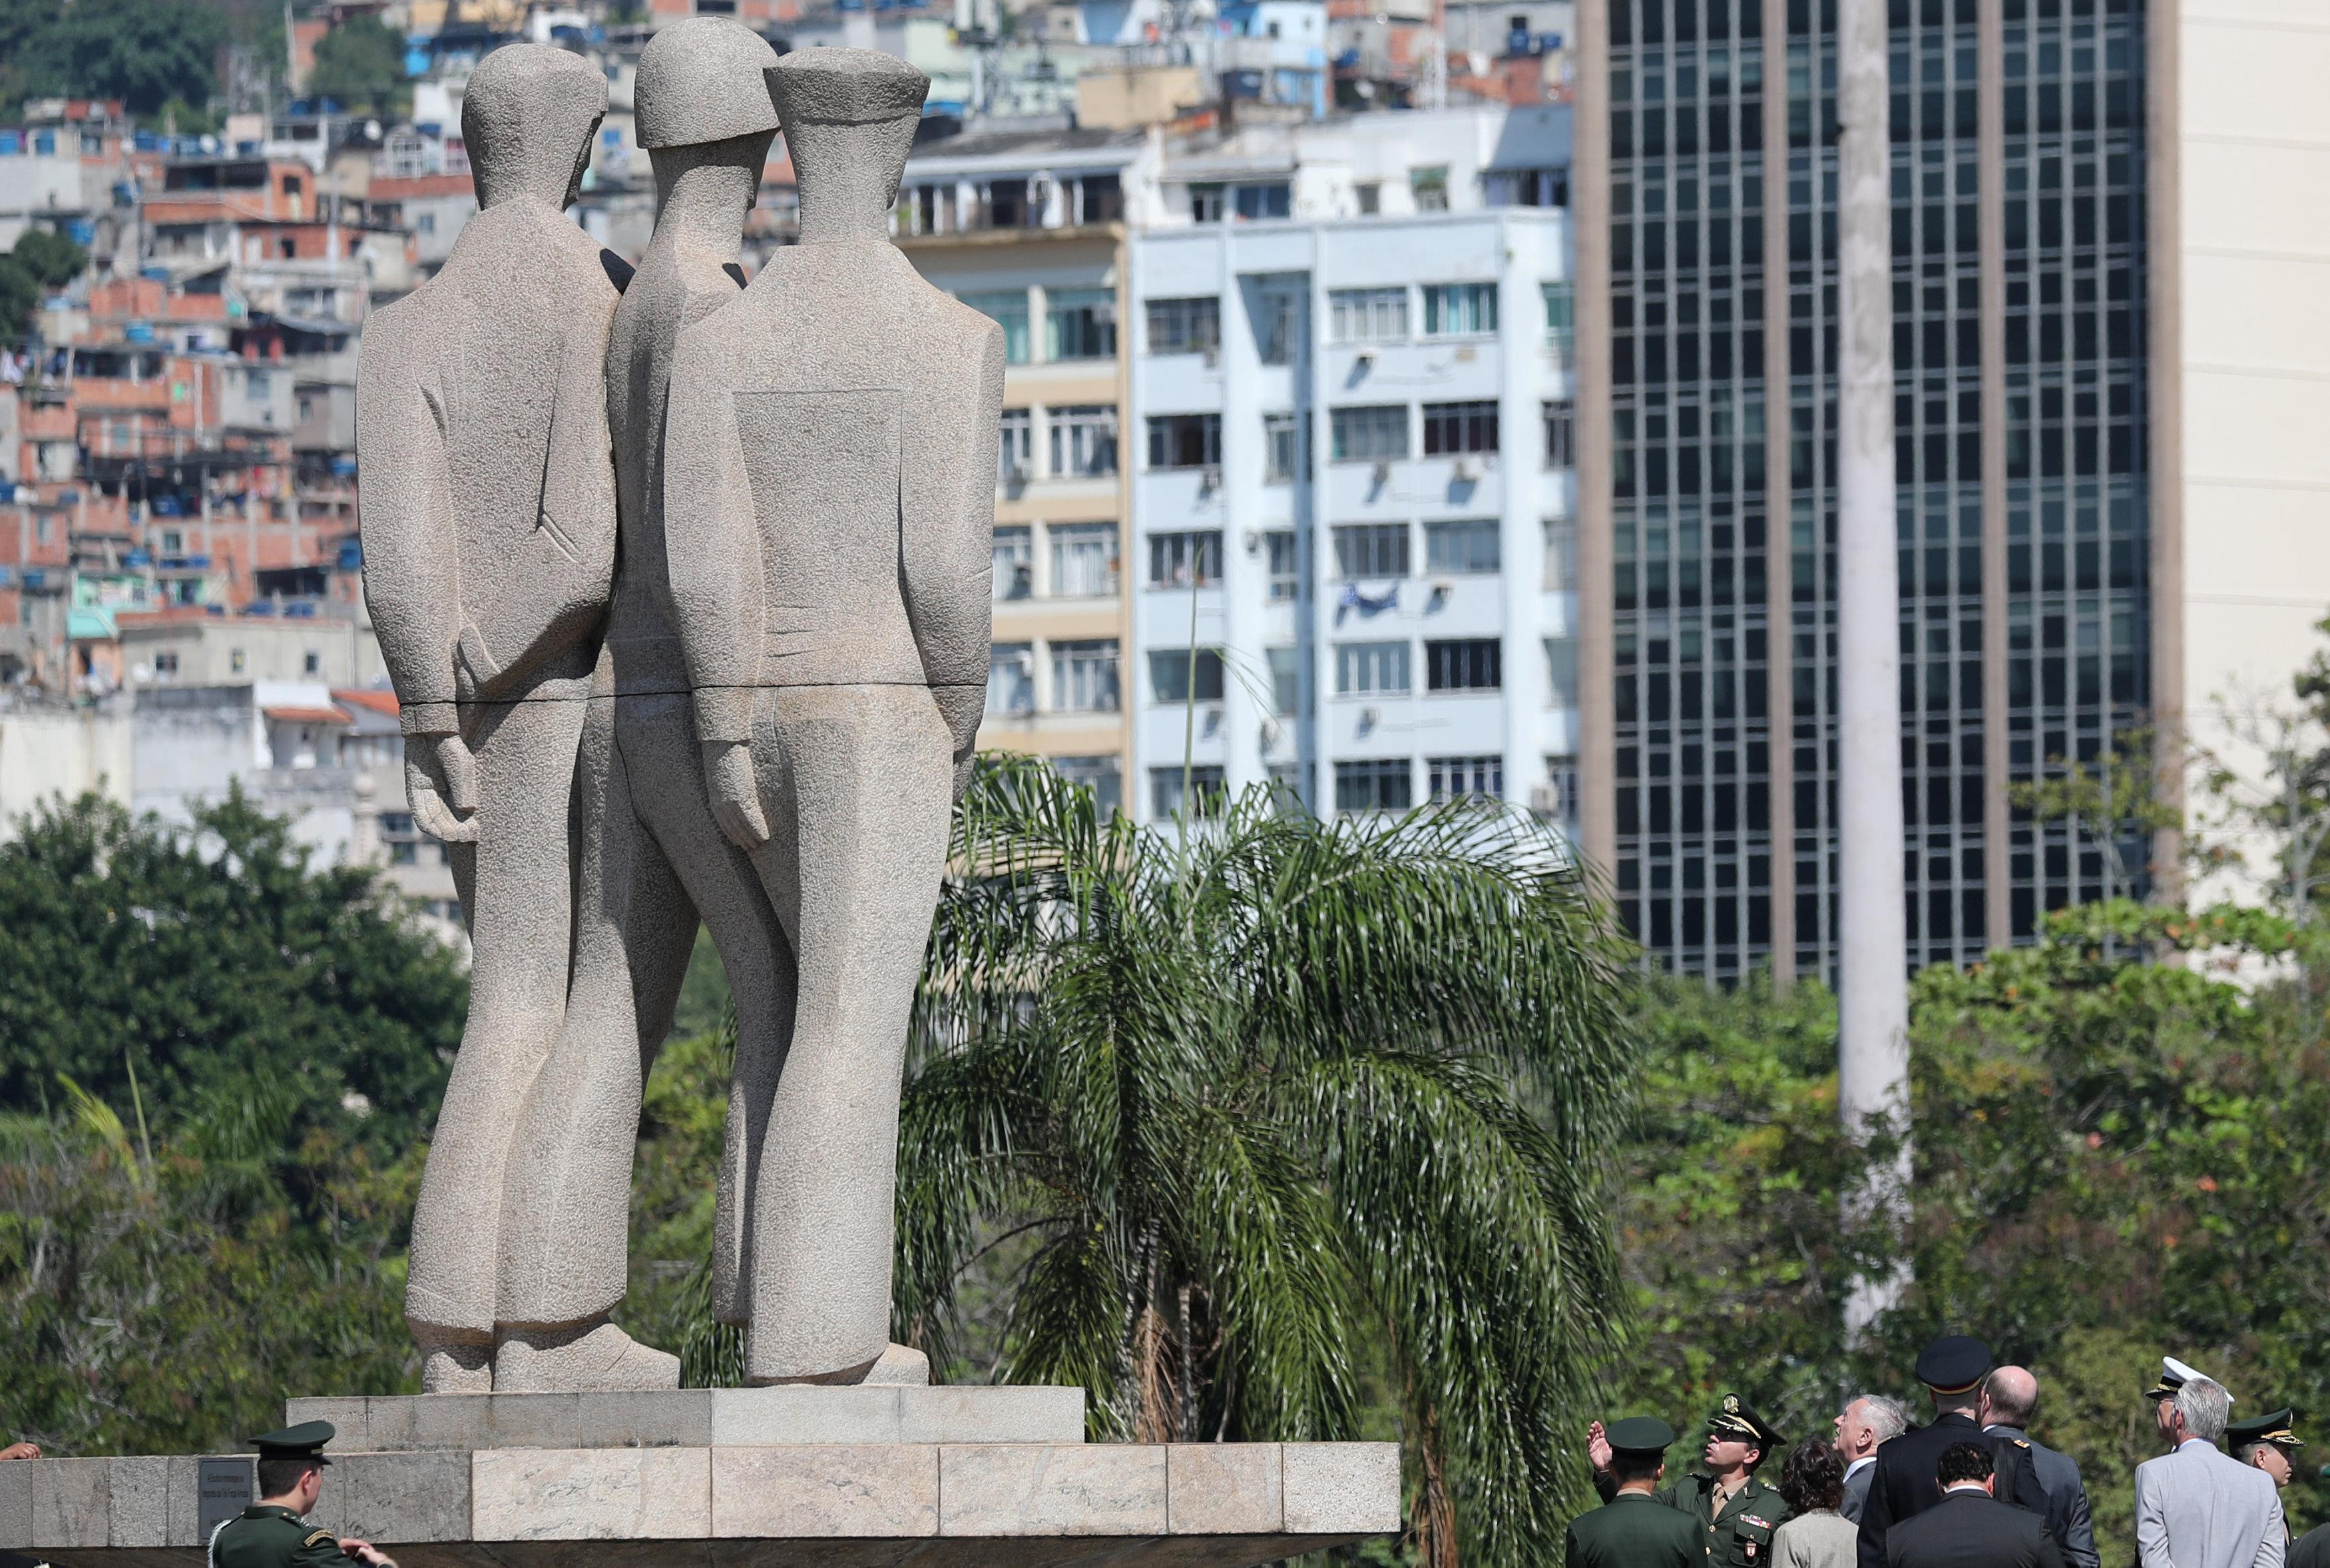 ماتيس ينظر إلى نصب قتلى الحرب العالمية الثانية مع الأحياء الفقيرة في مدينة ريو أمارو في الخلفية